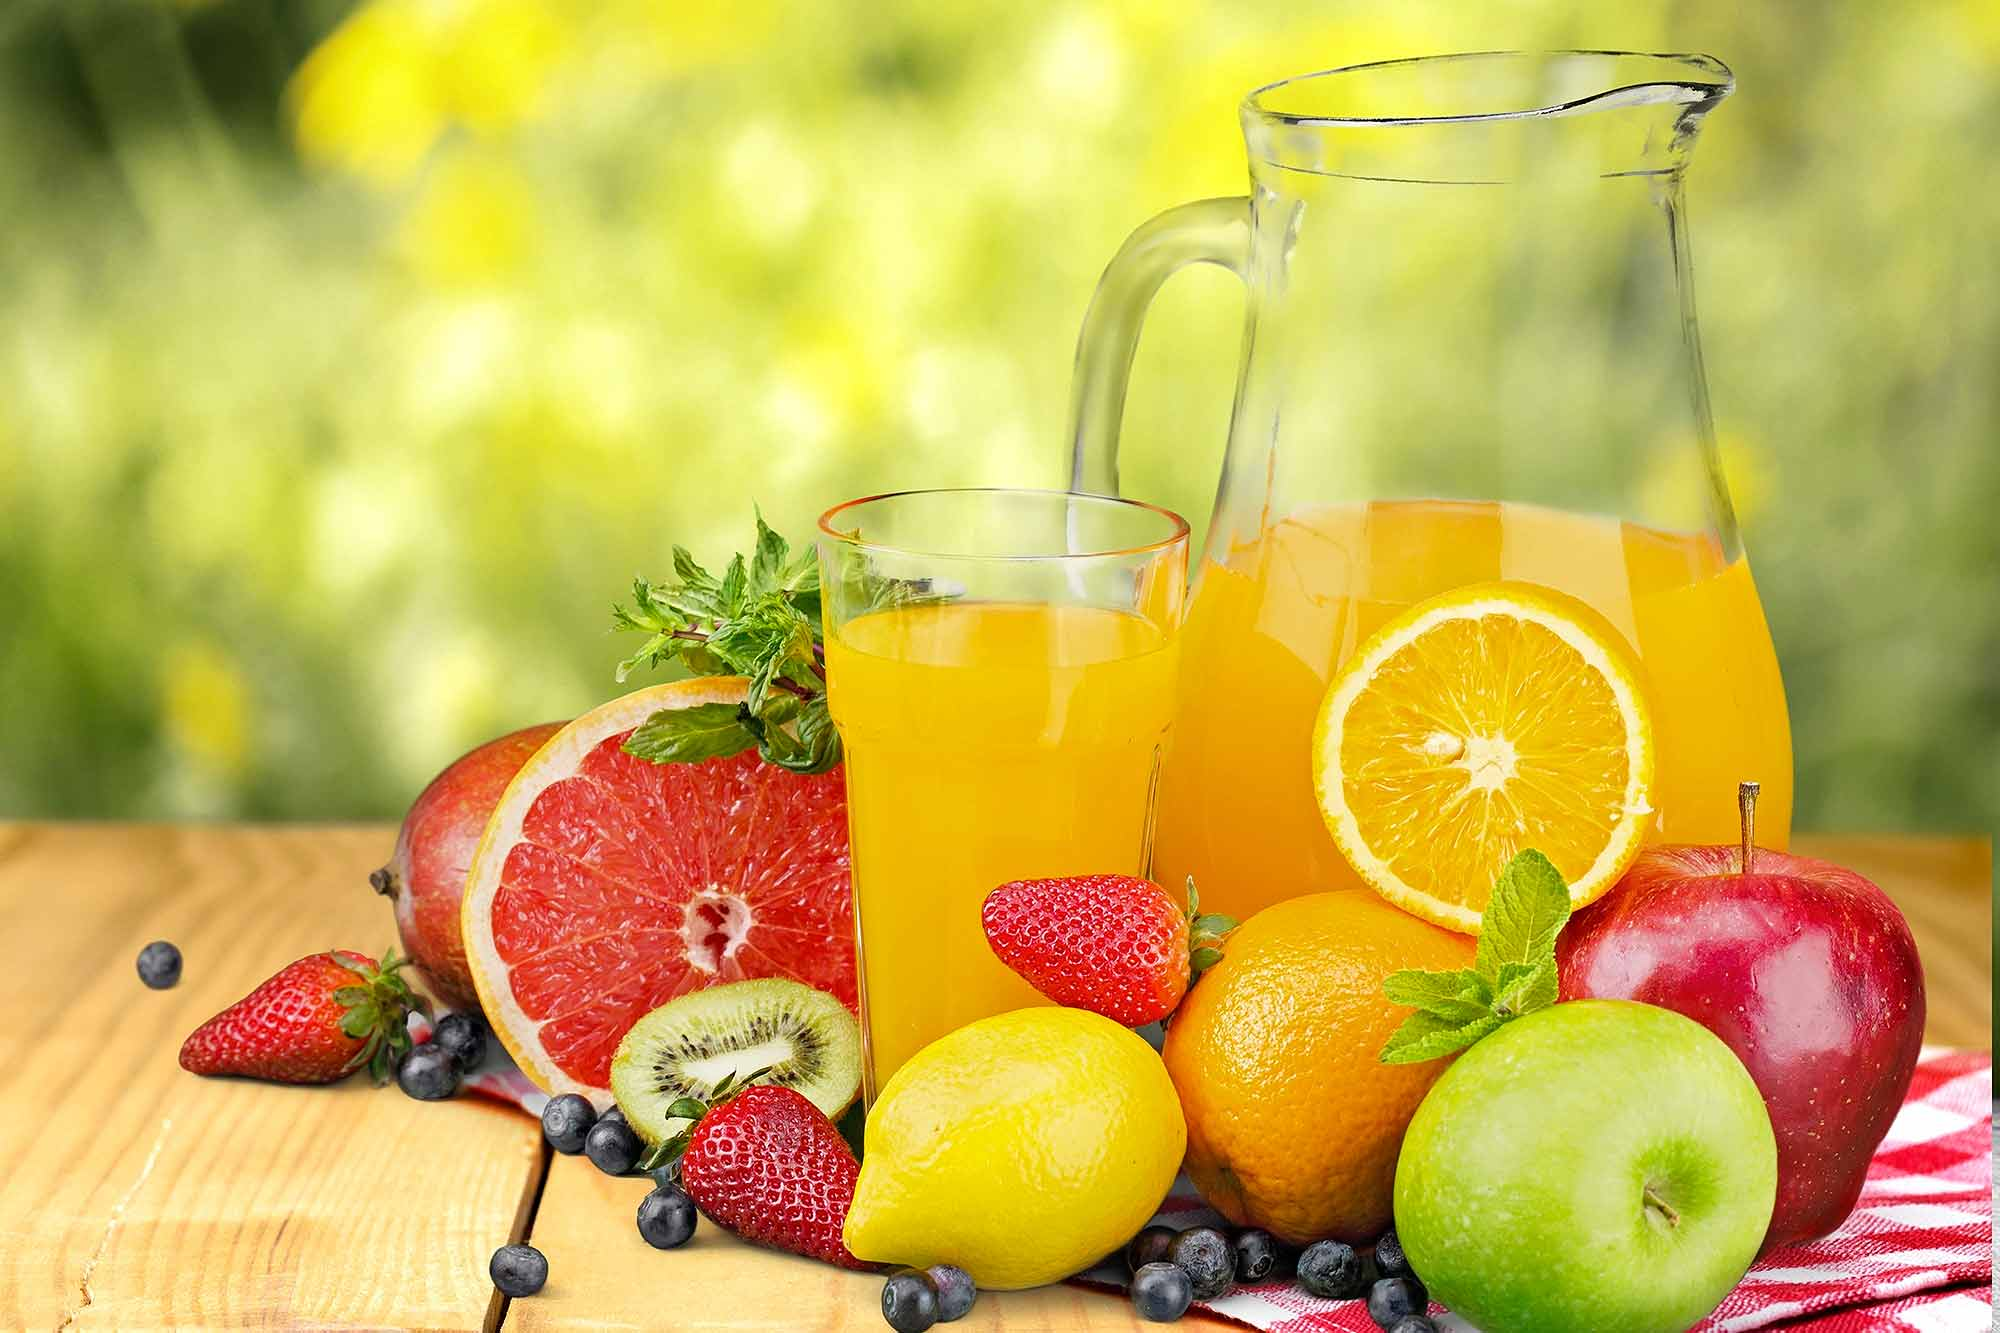 Colazione - Frutta fresca